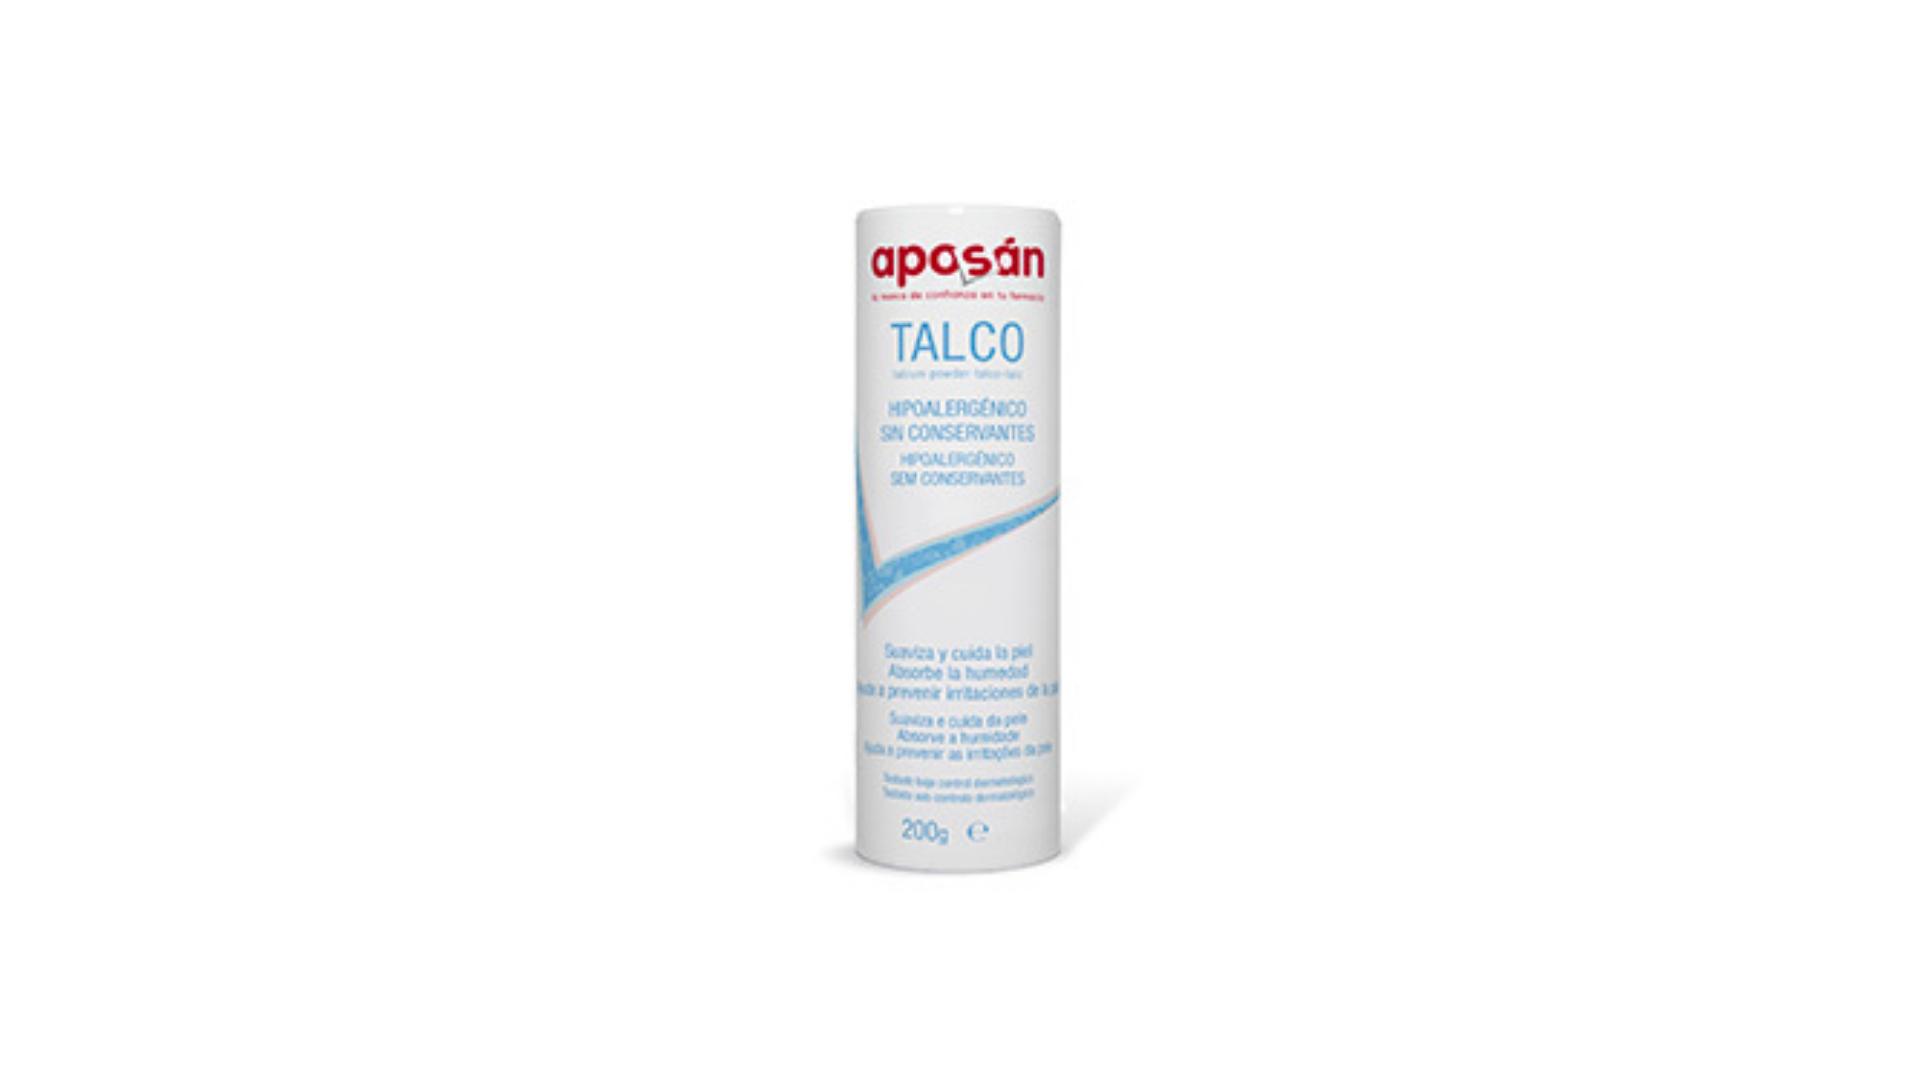 Aposan | Talco Perfumado 200g